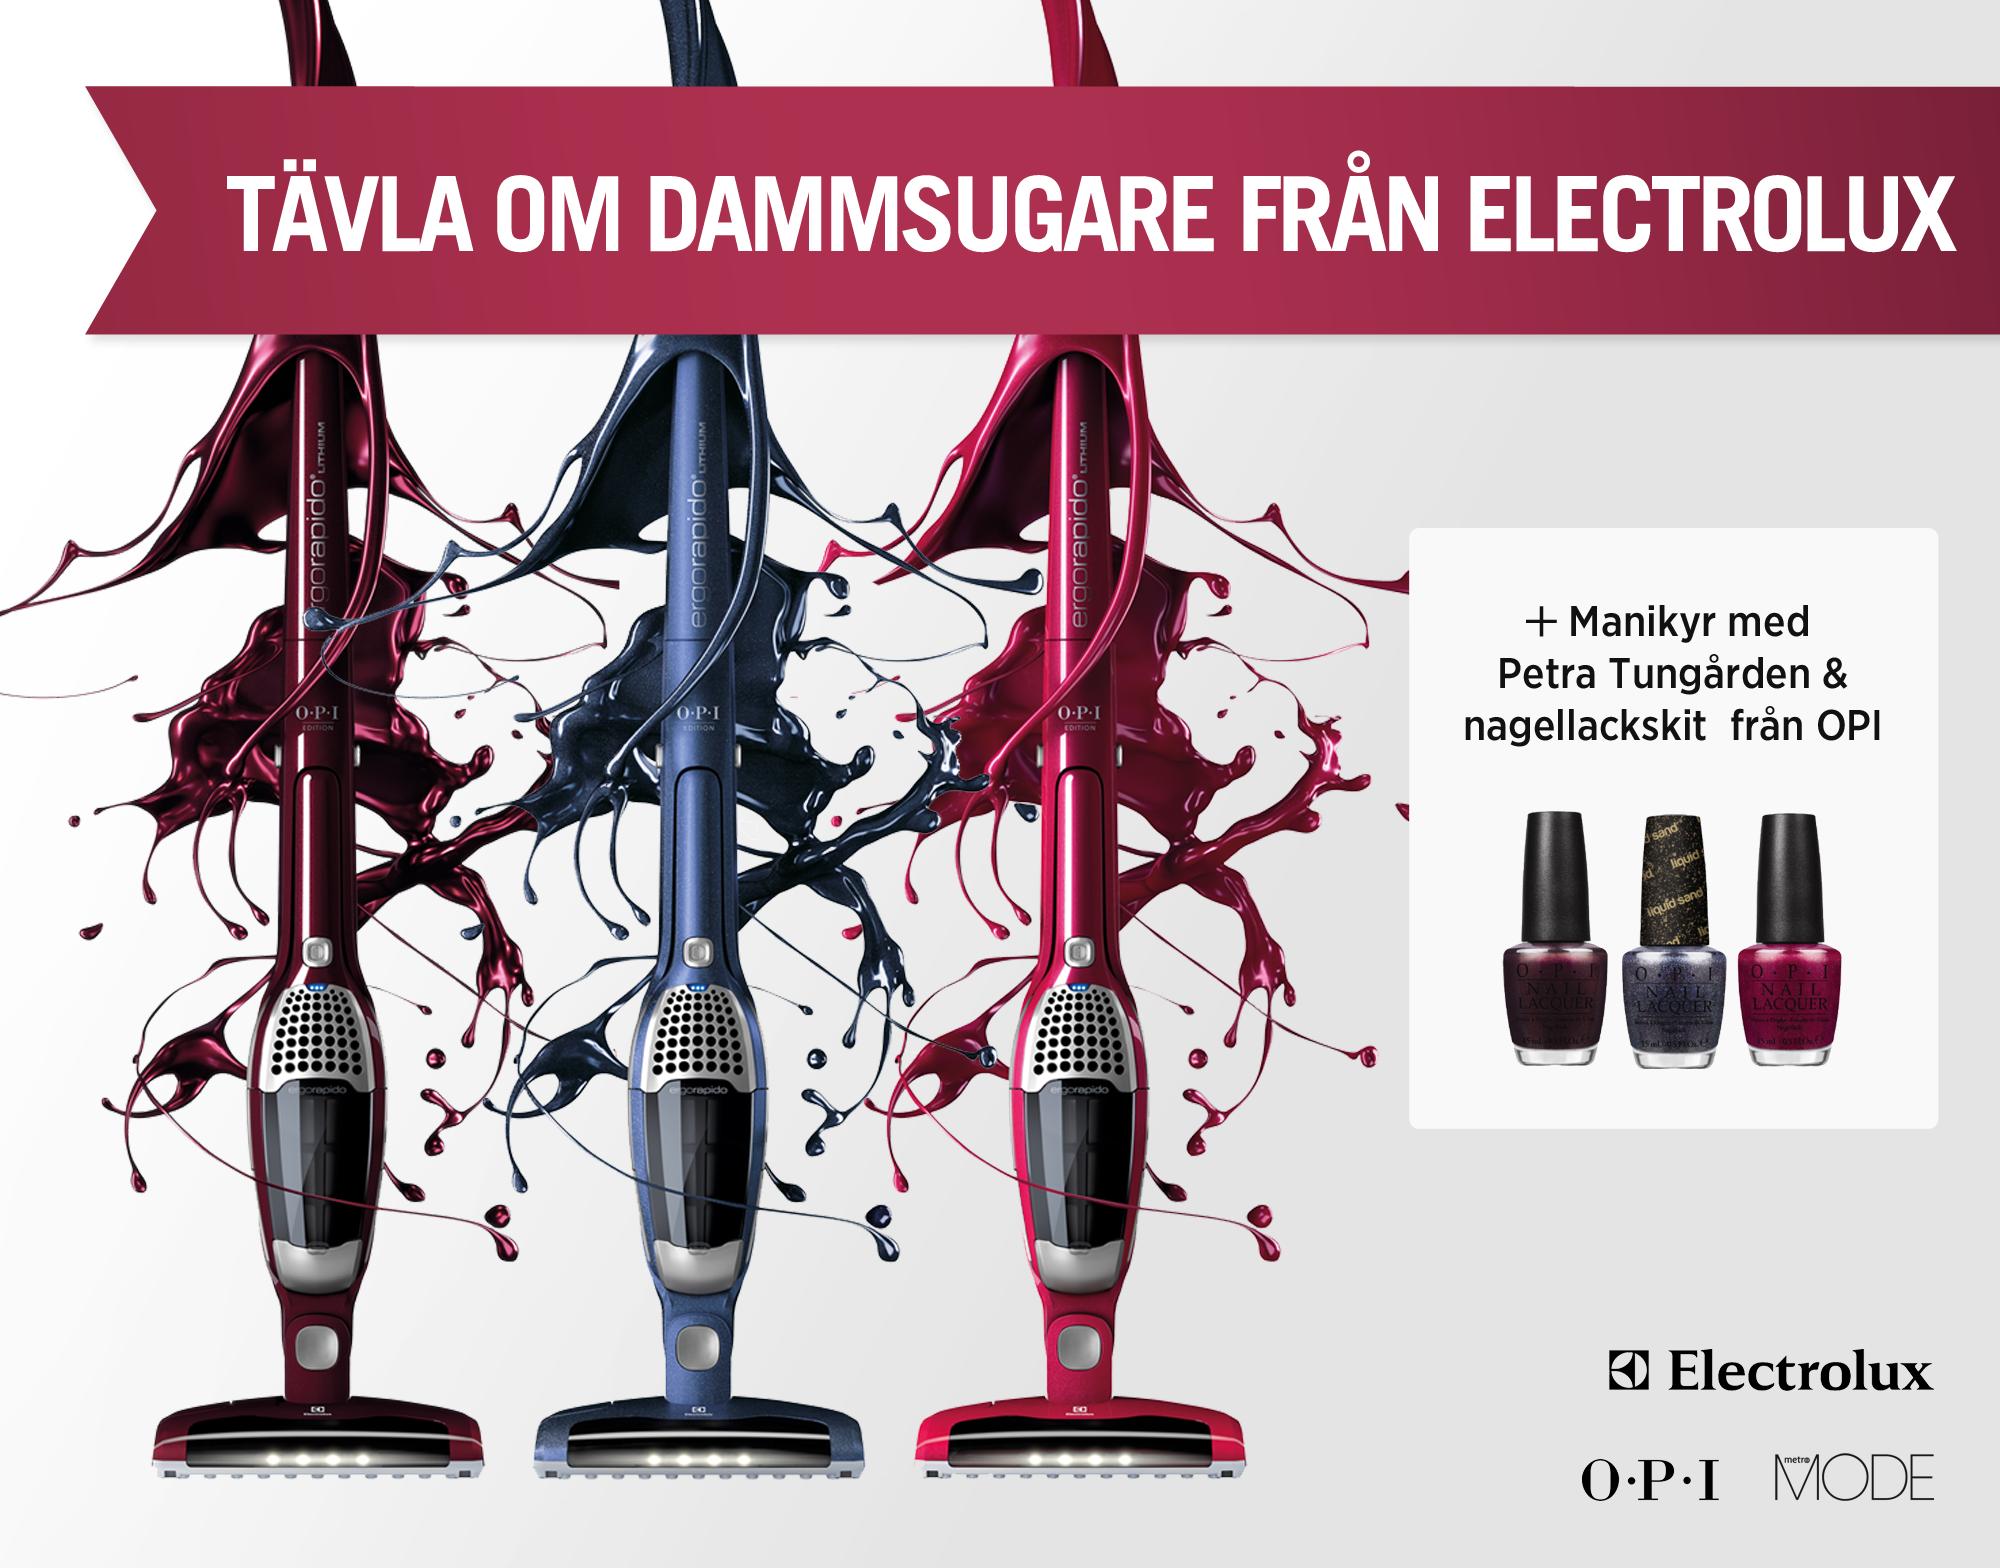 Vinn dammsugare från Electrolux och nagellackskit från OPI!